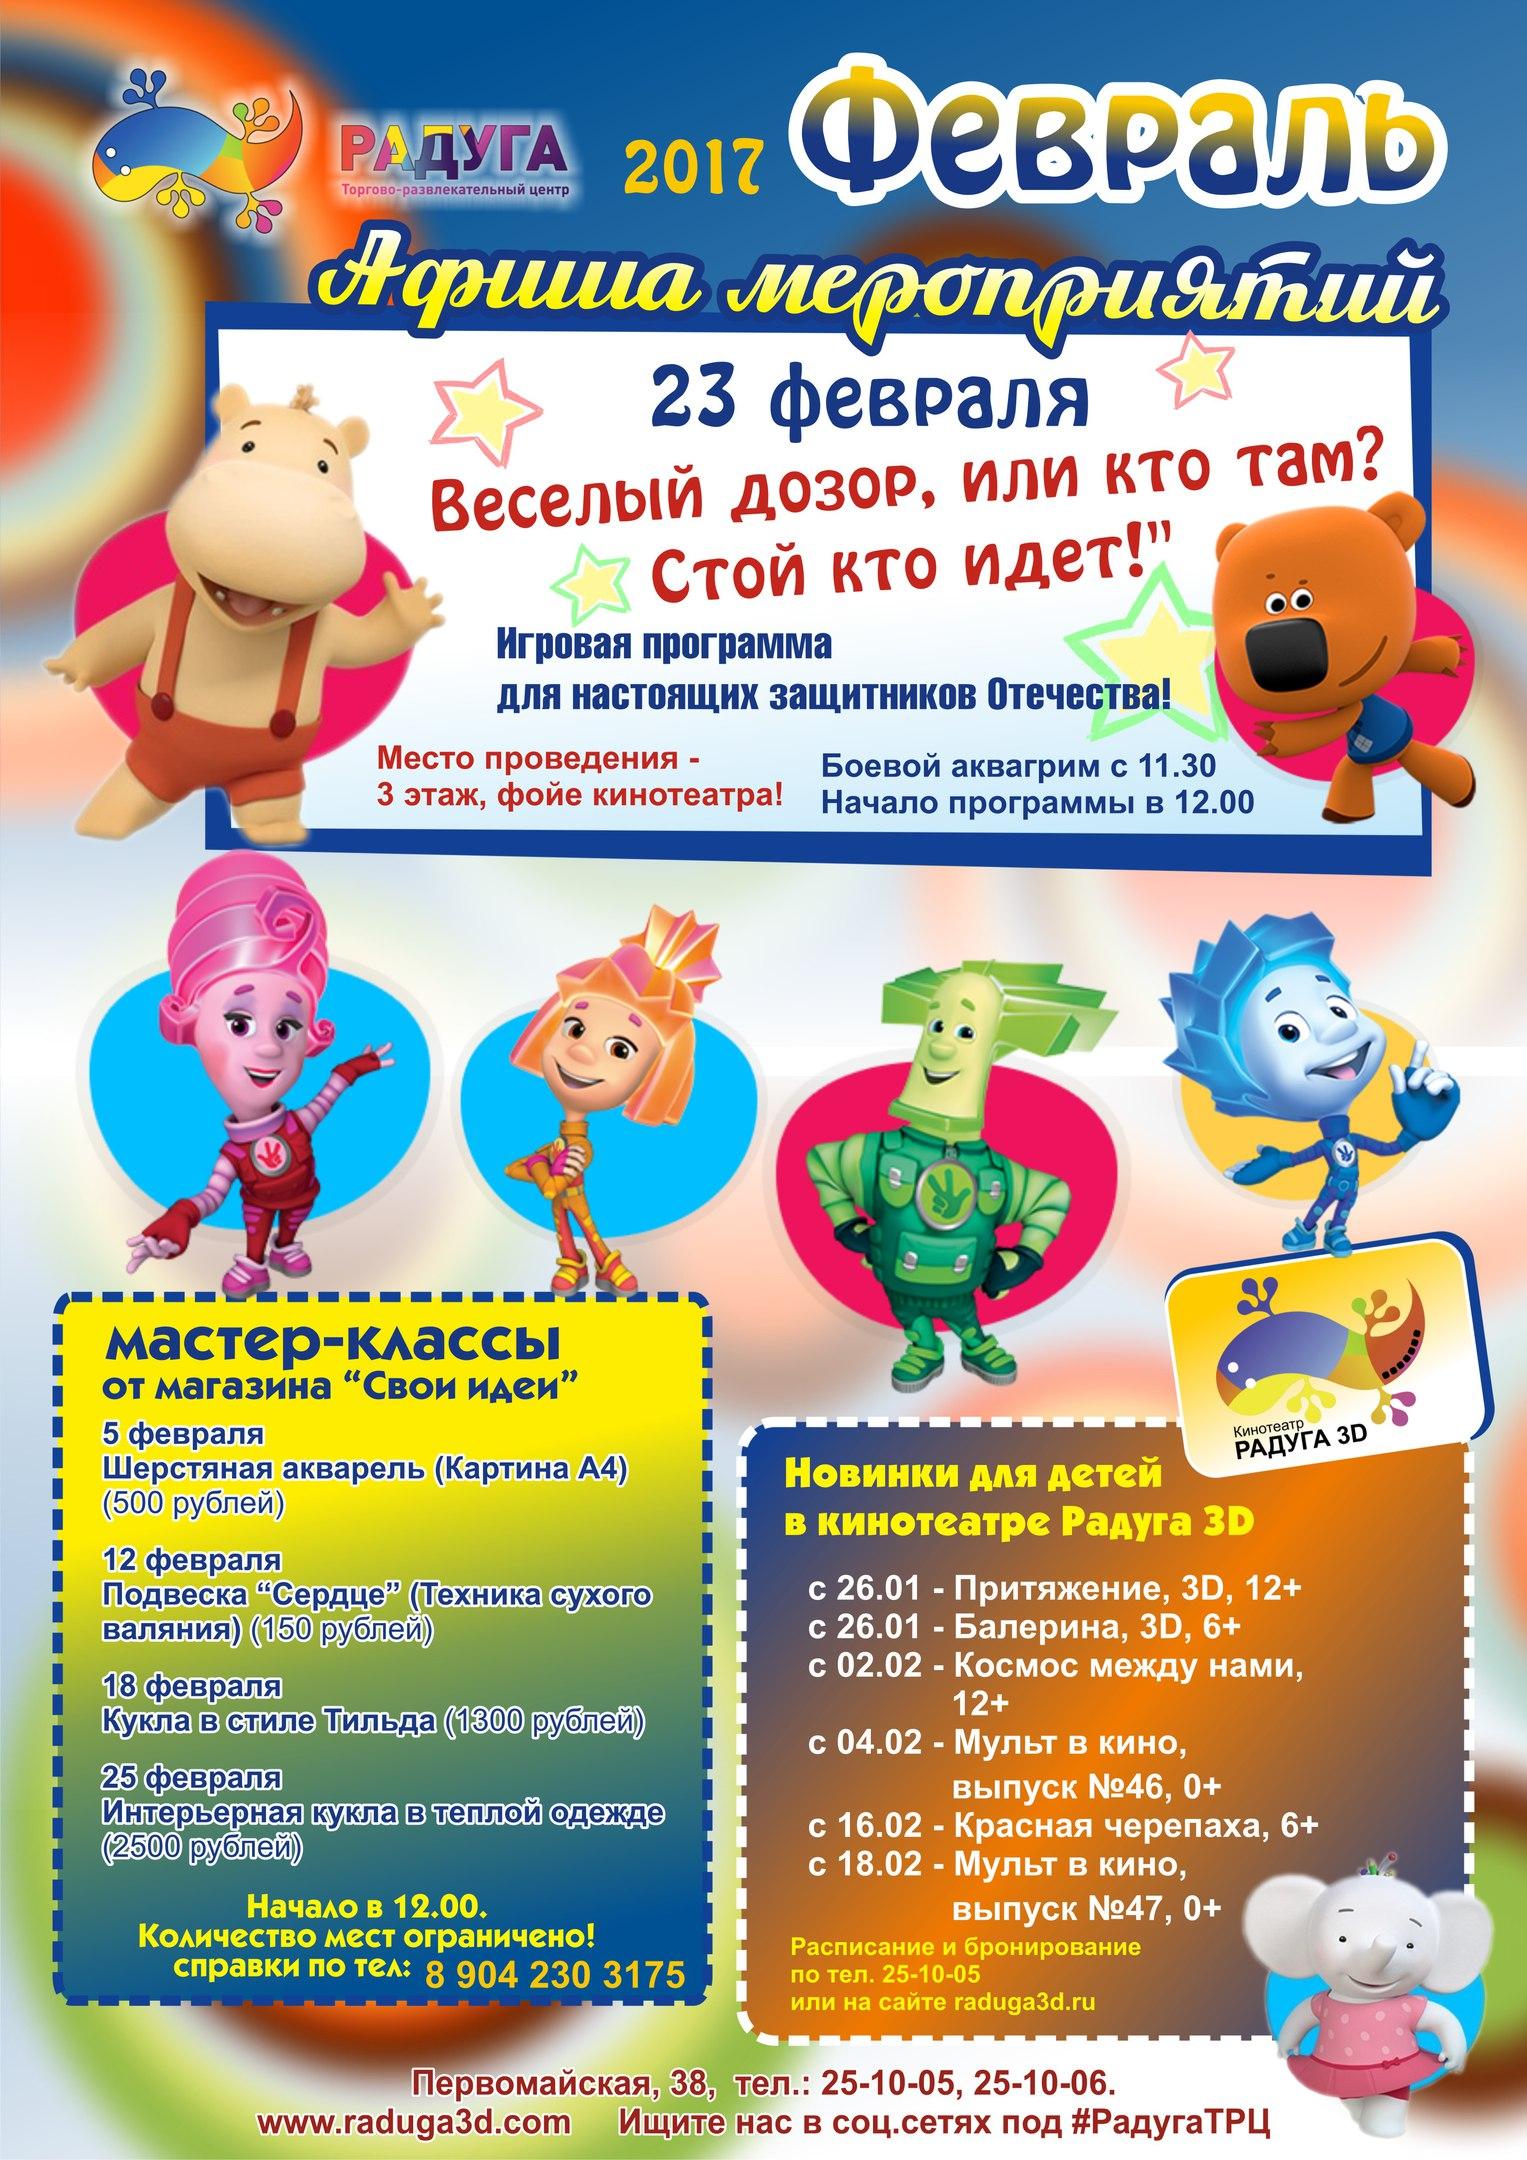 Афиша мероприятий в Радуге на февраль!